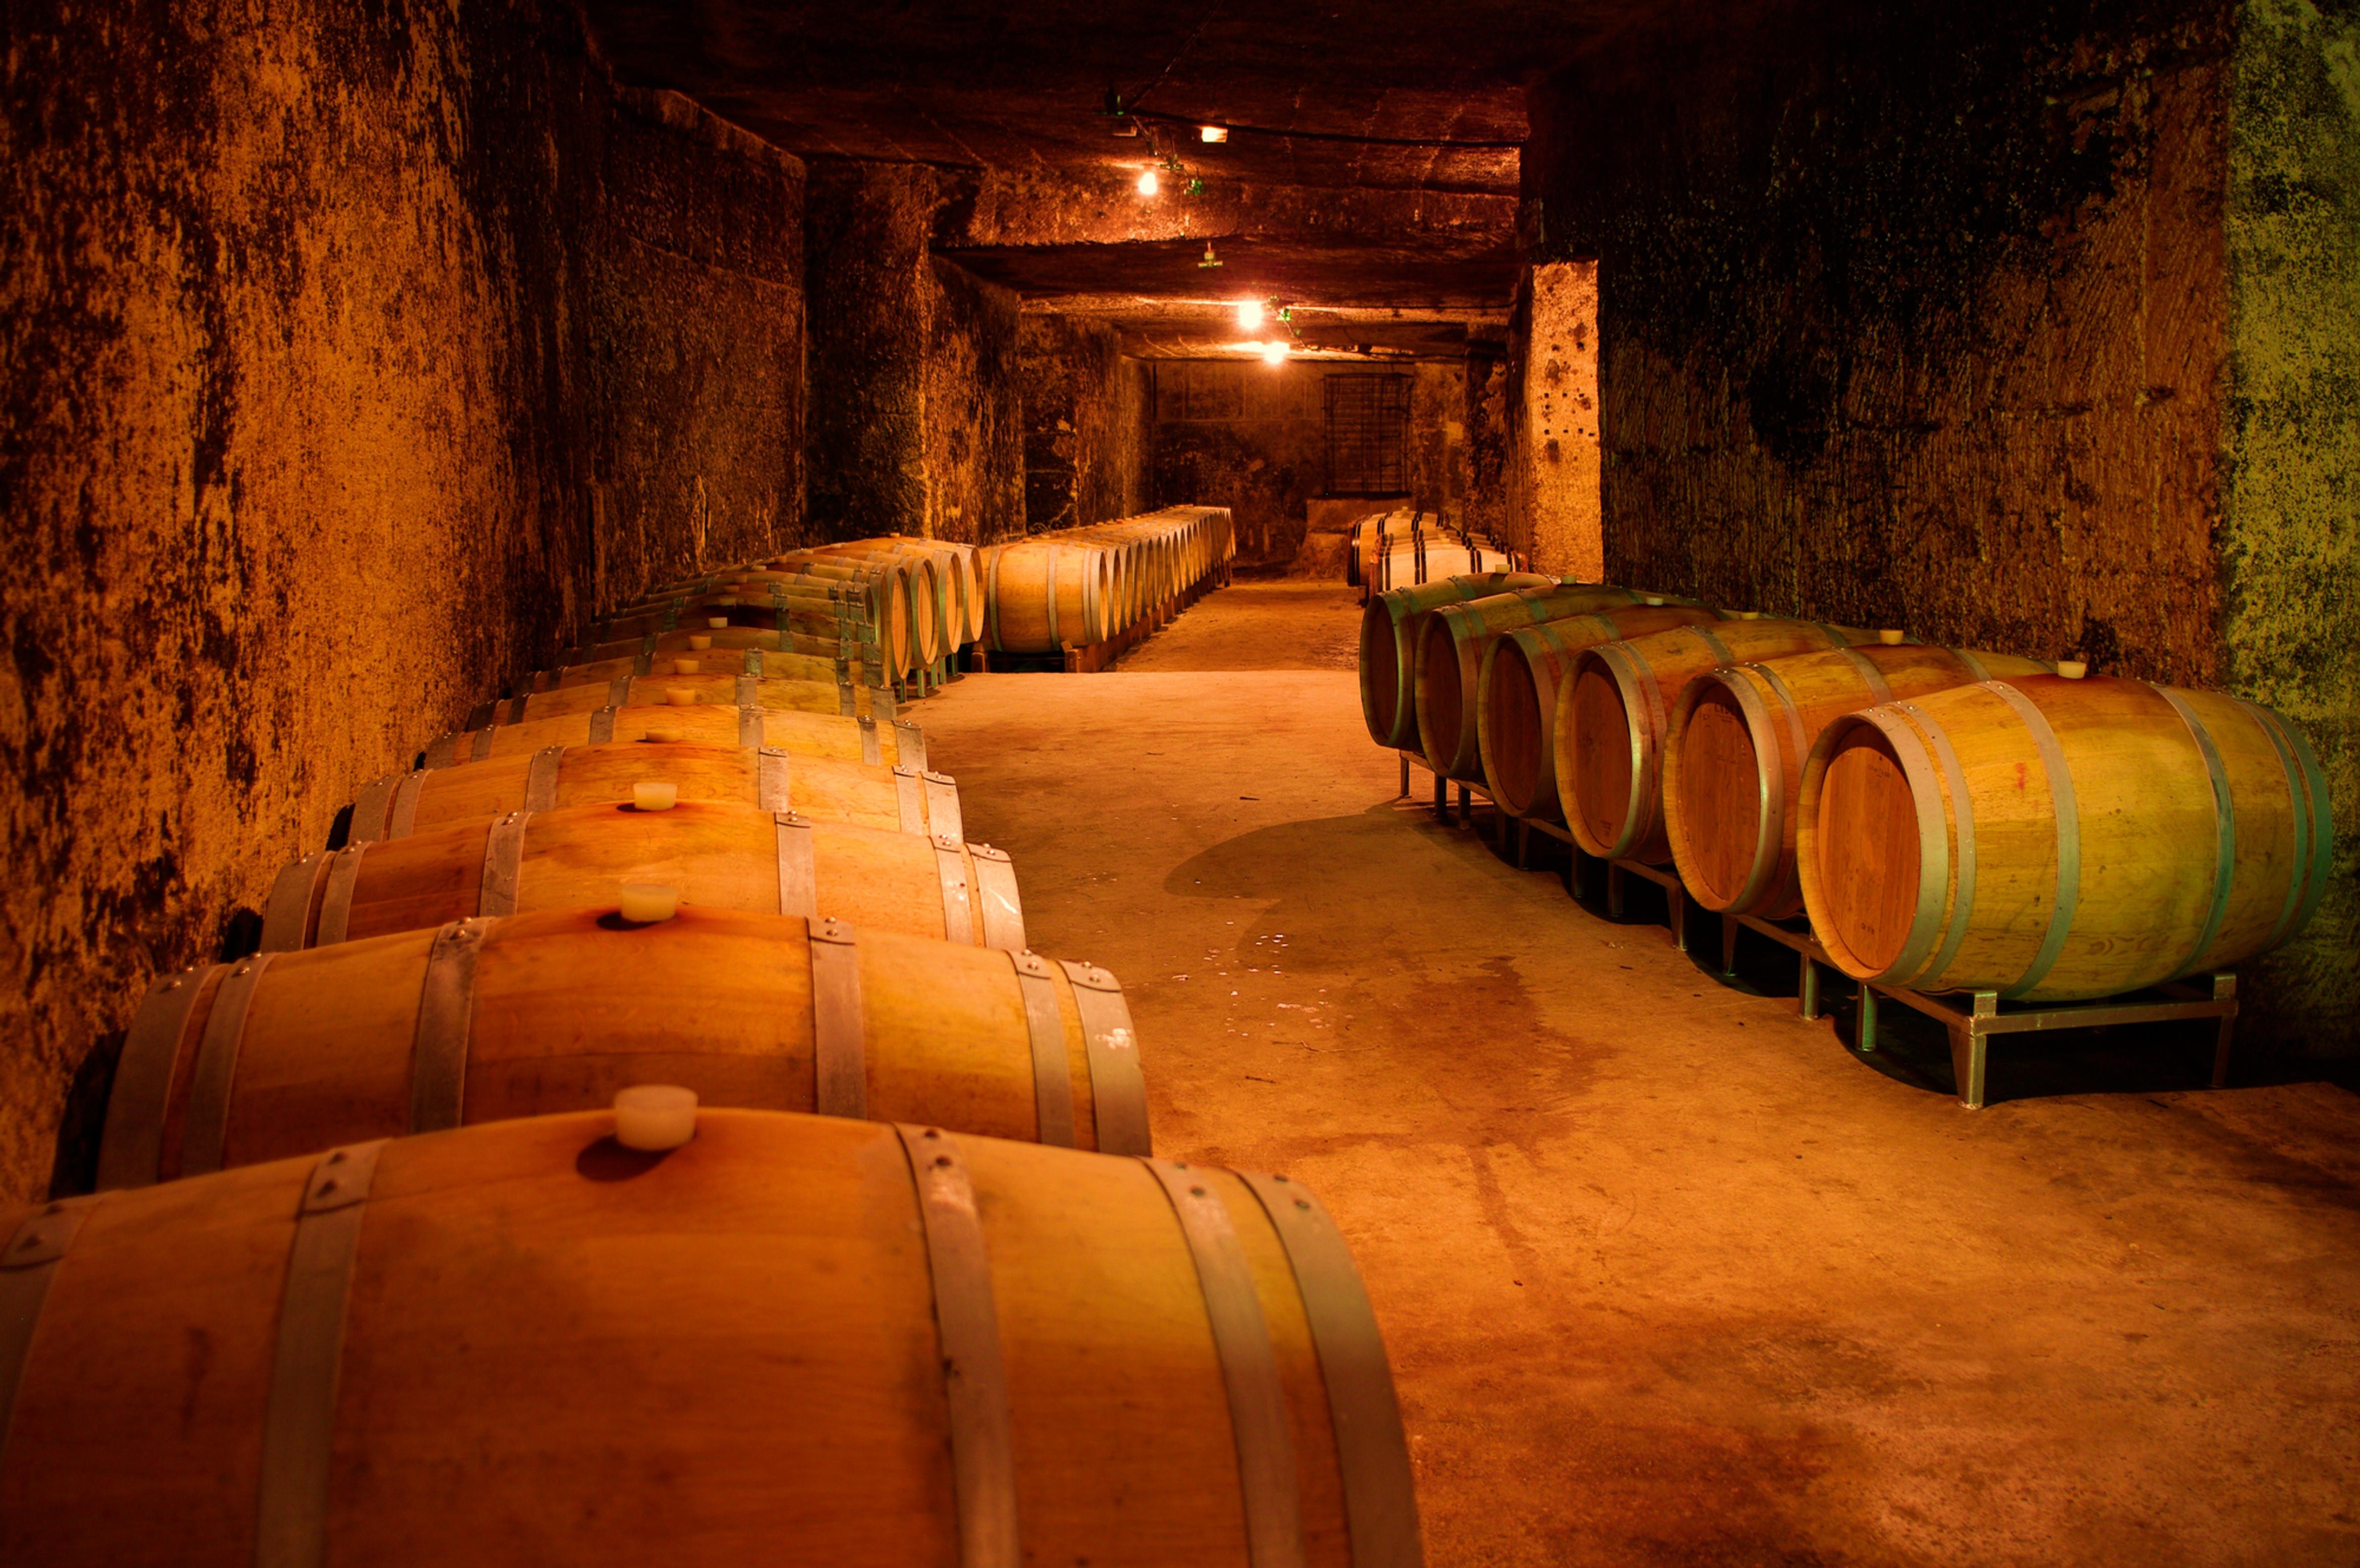 Visite des caves / Cellars tours